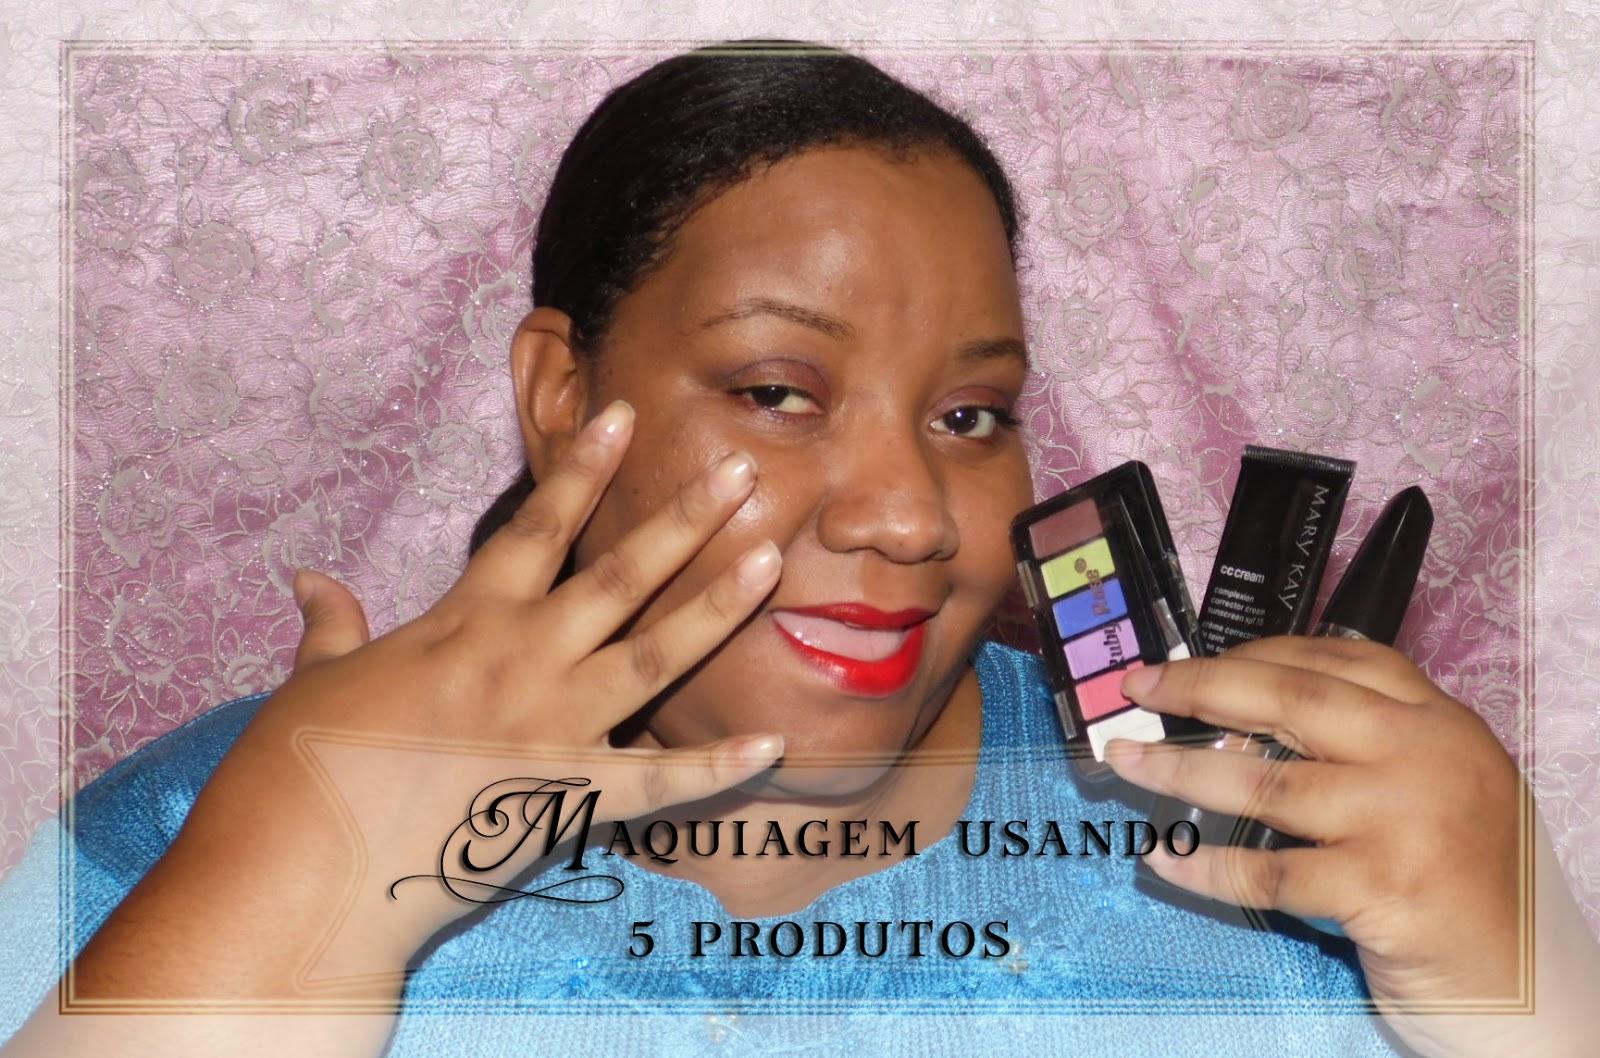 Maquiagem usando 5 produtos